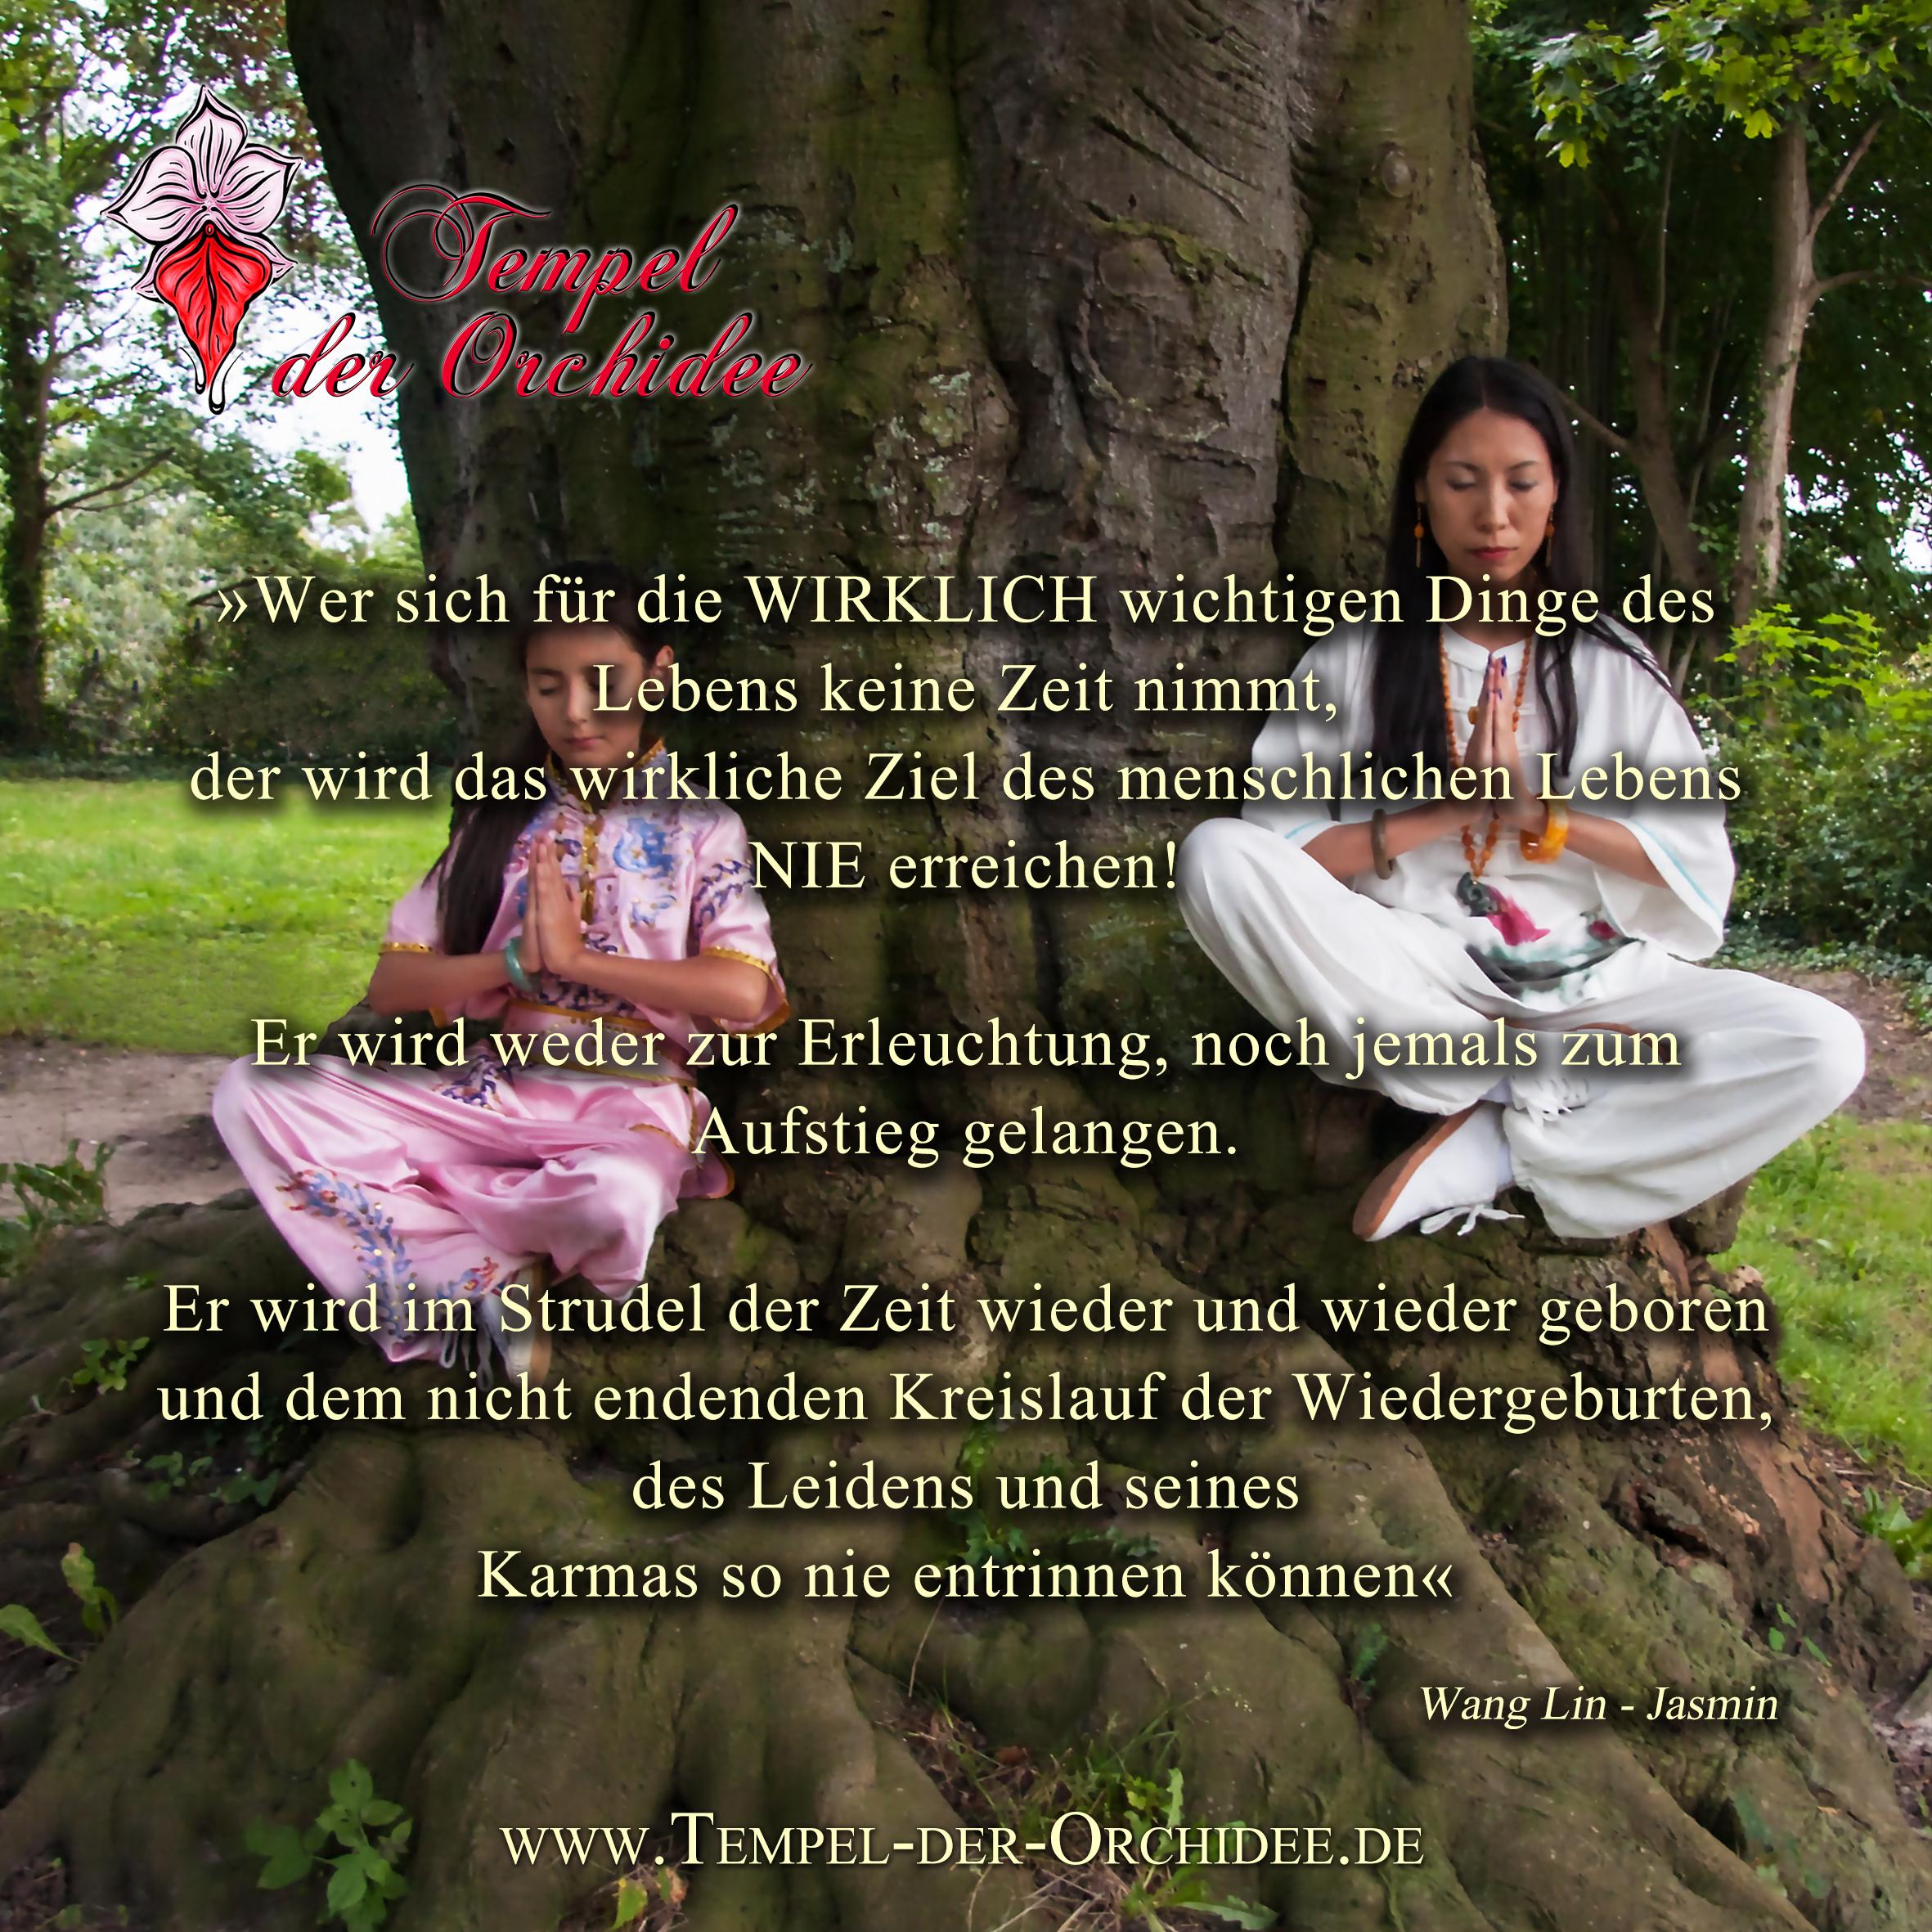 DAO-Massagen – eine wirkungsvolle Karma-Arbeit – Roter Lotos